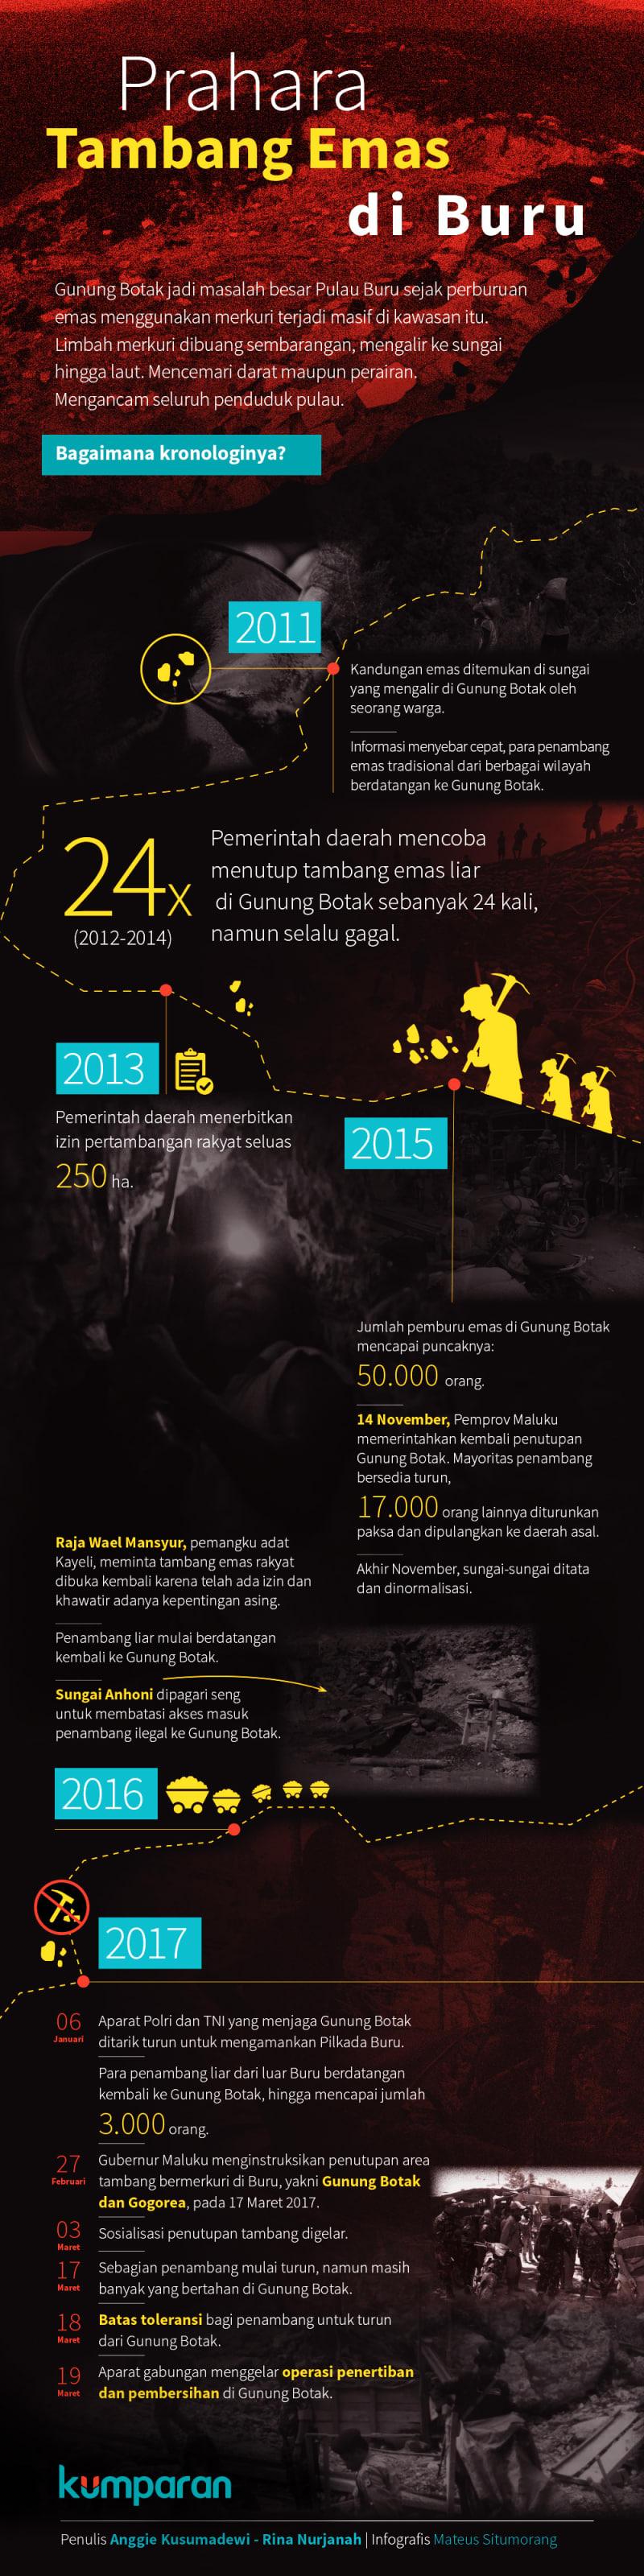 Infografis Kronologi Tambang Emas Pulau Buru